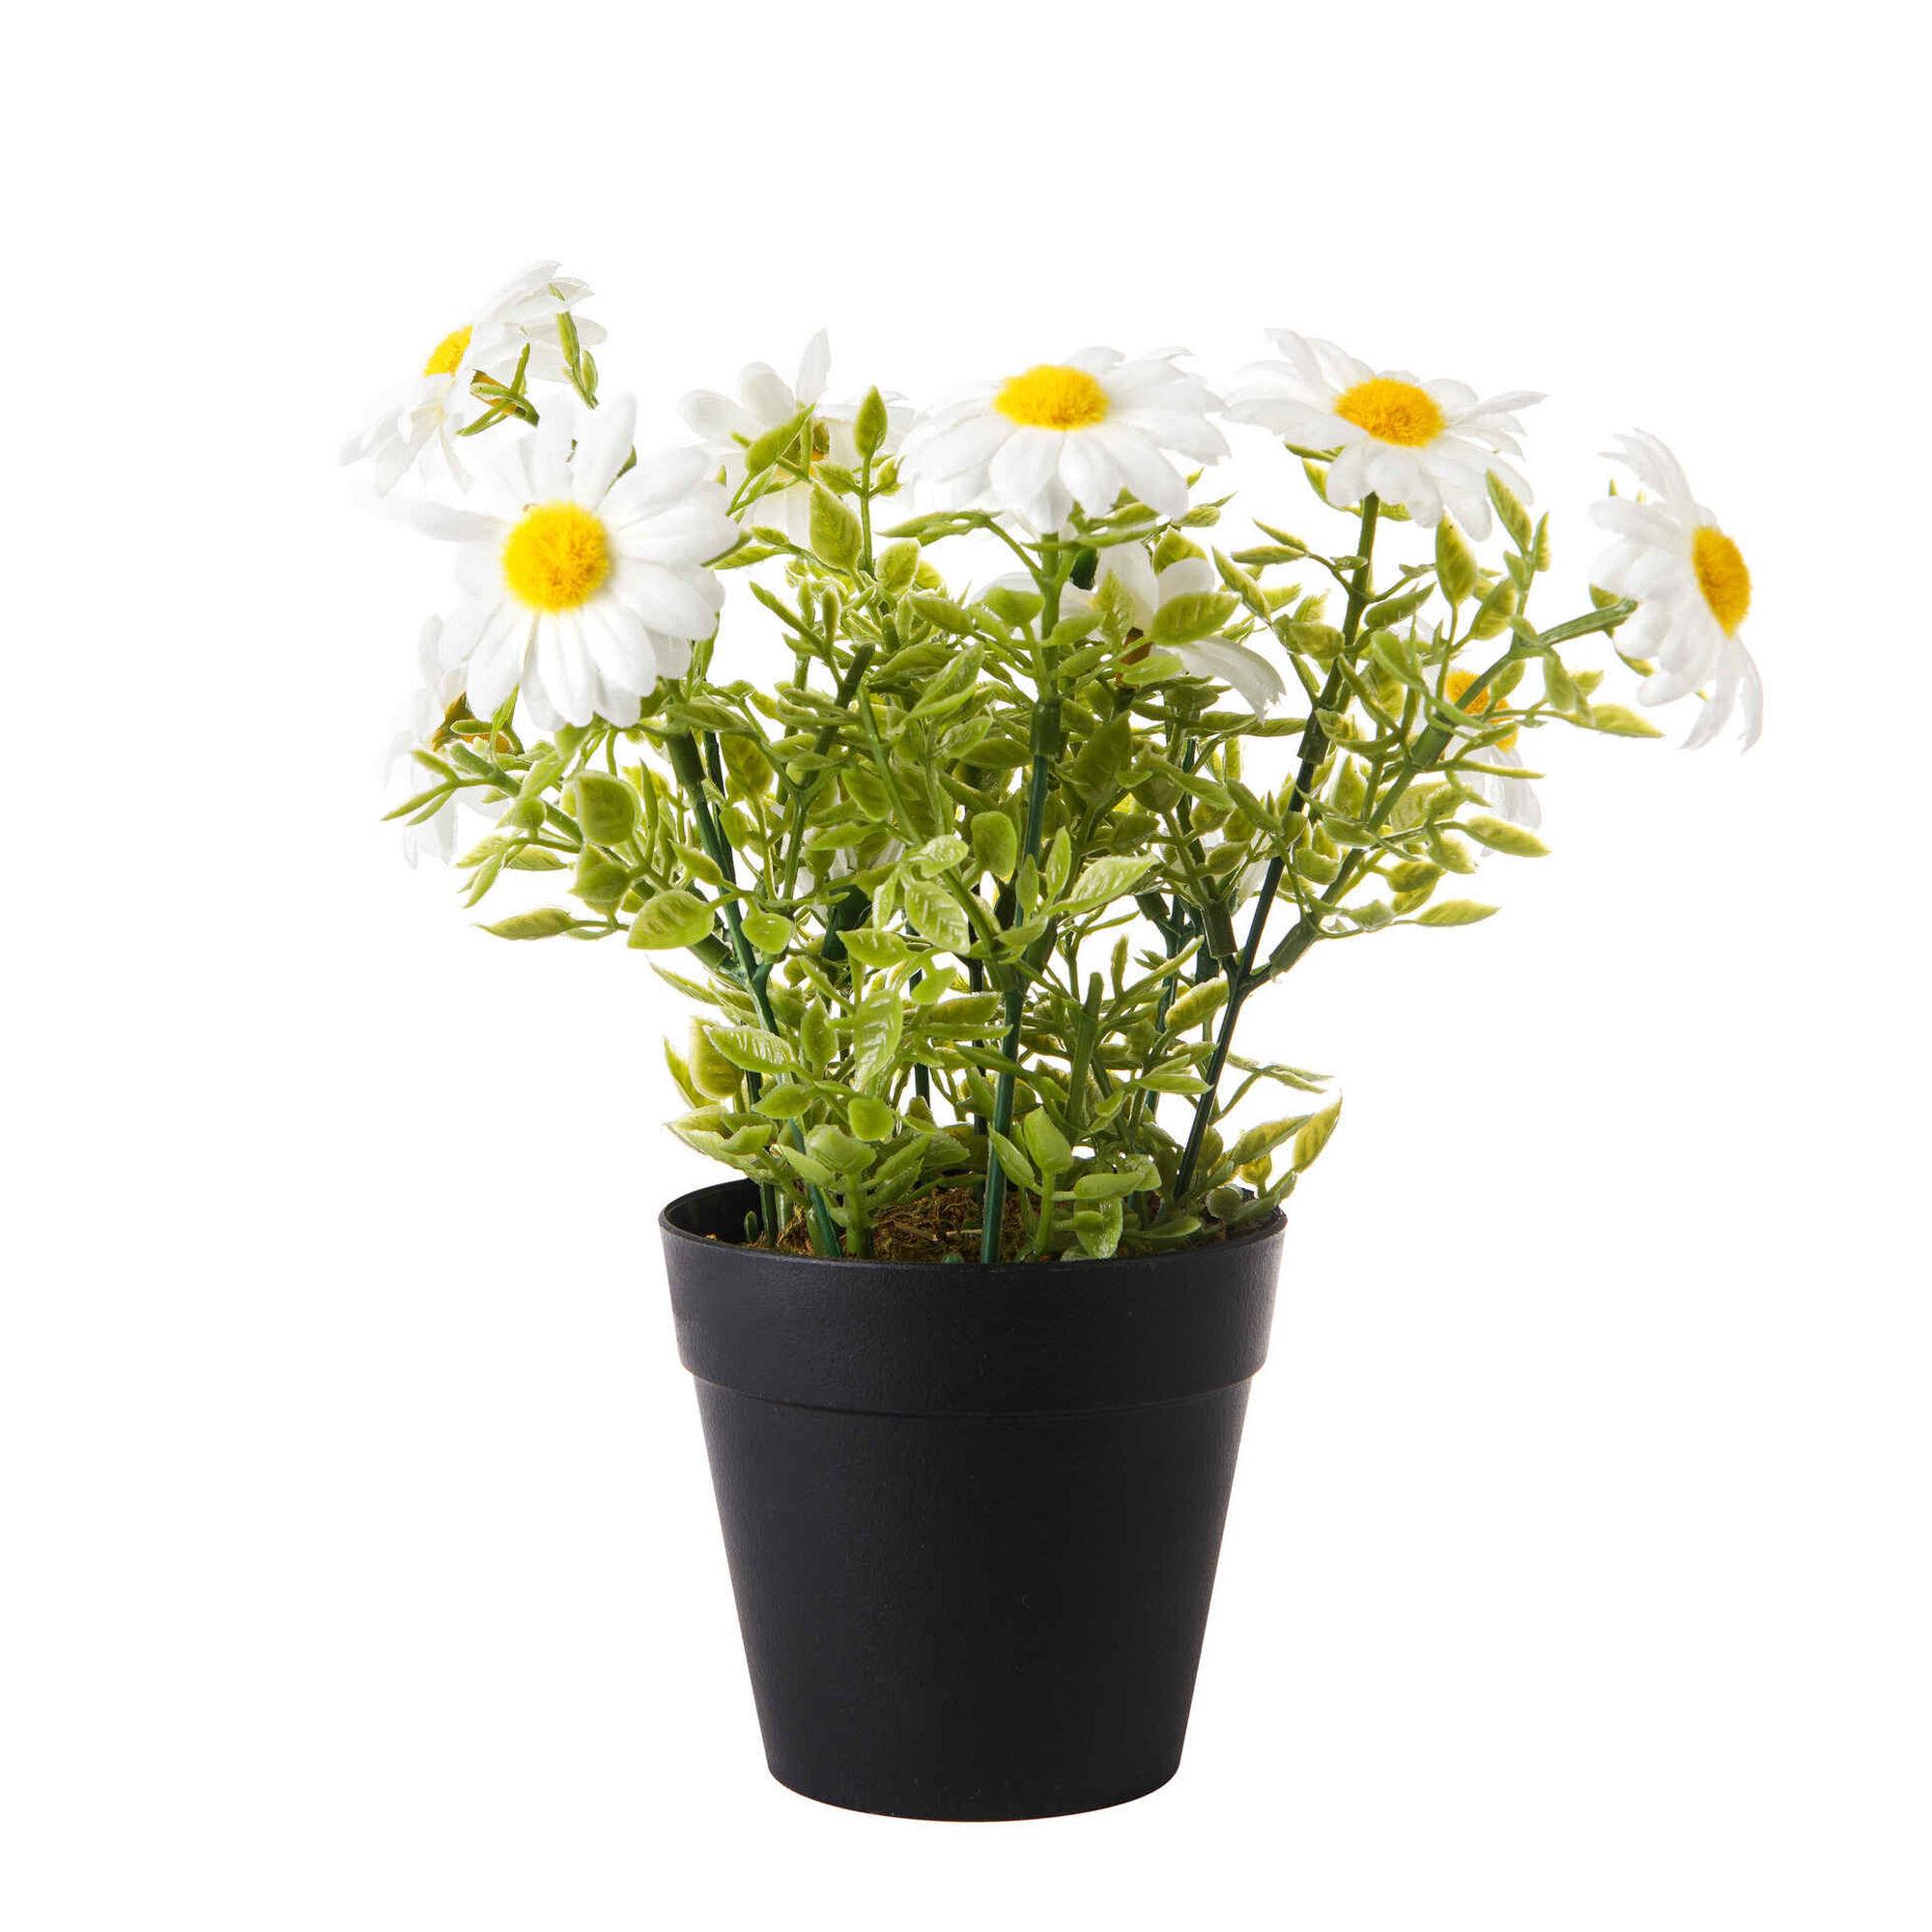 Planta Artificial Malmequeres com Vaso Preto